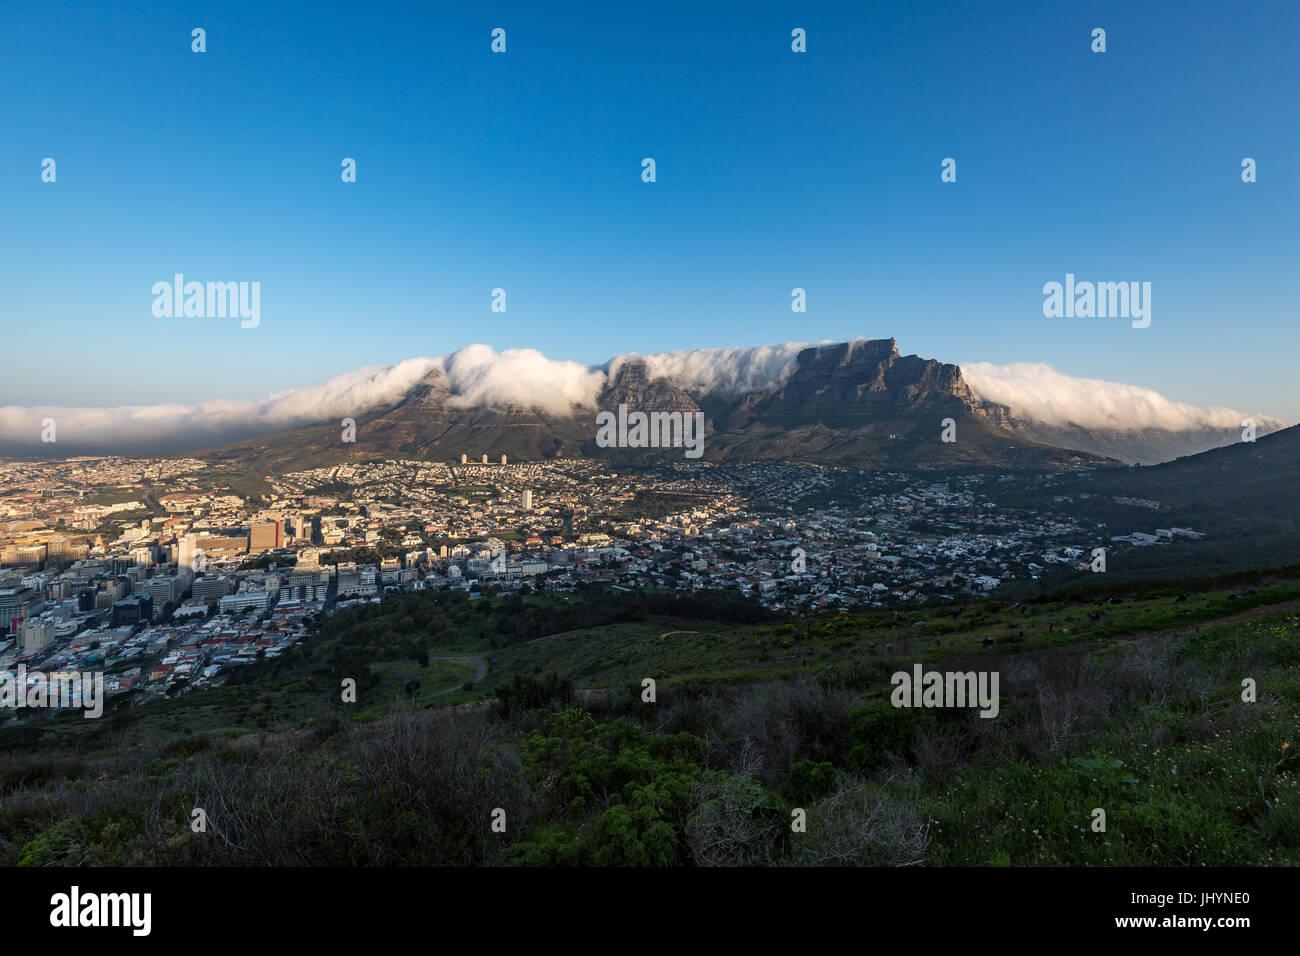 La montagne de la table couvert dans une nappe de nuages orographiques, Cape Town, Afrique du Sud, l'Afrique Photo Stock